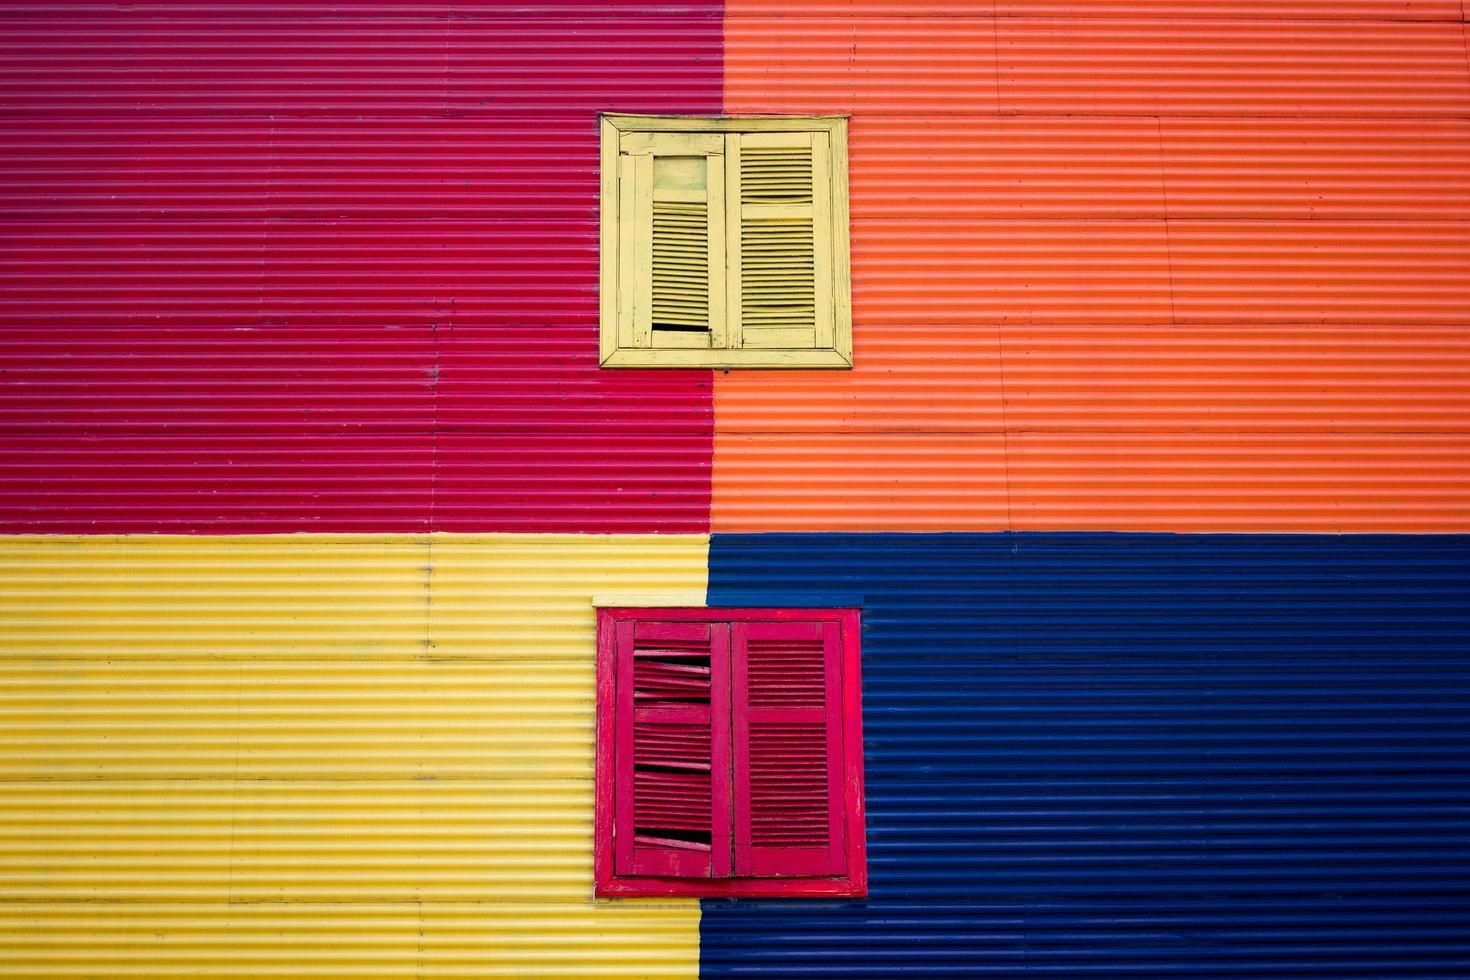 fenêtres colorées sur bâtiment coloré photo